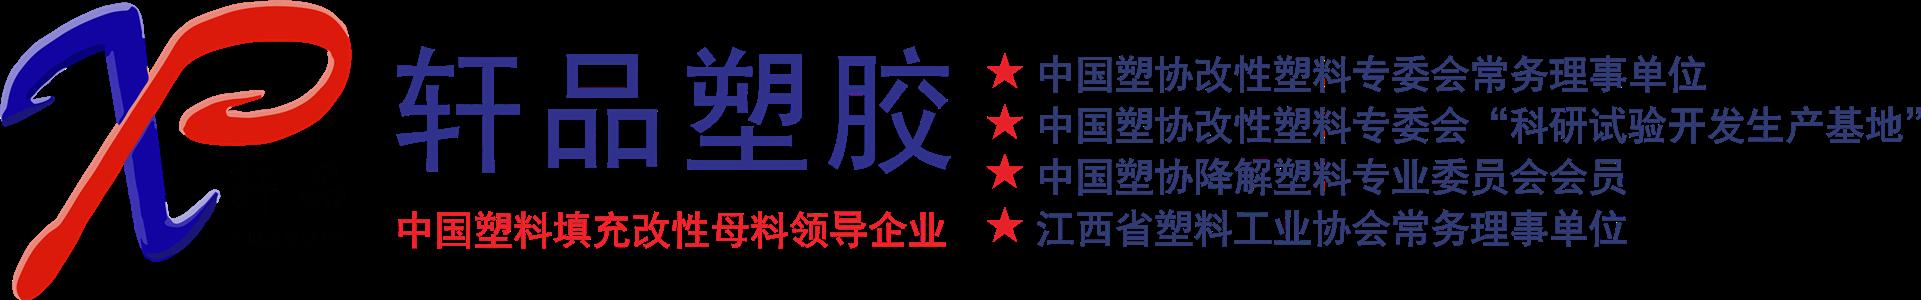 纳米亚博体育app彩票亚博国际app官方下载,江西省萍乡市轩品塑胶制品有限公司